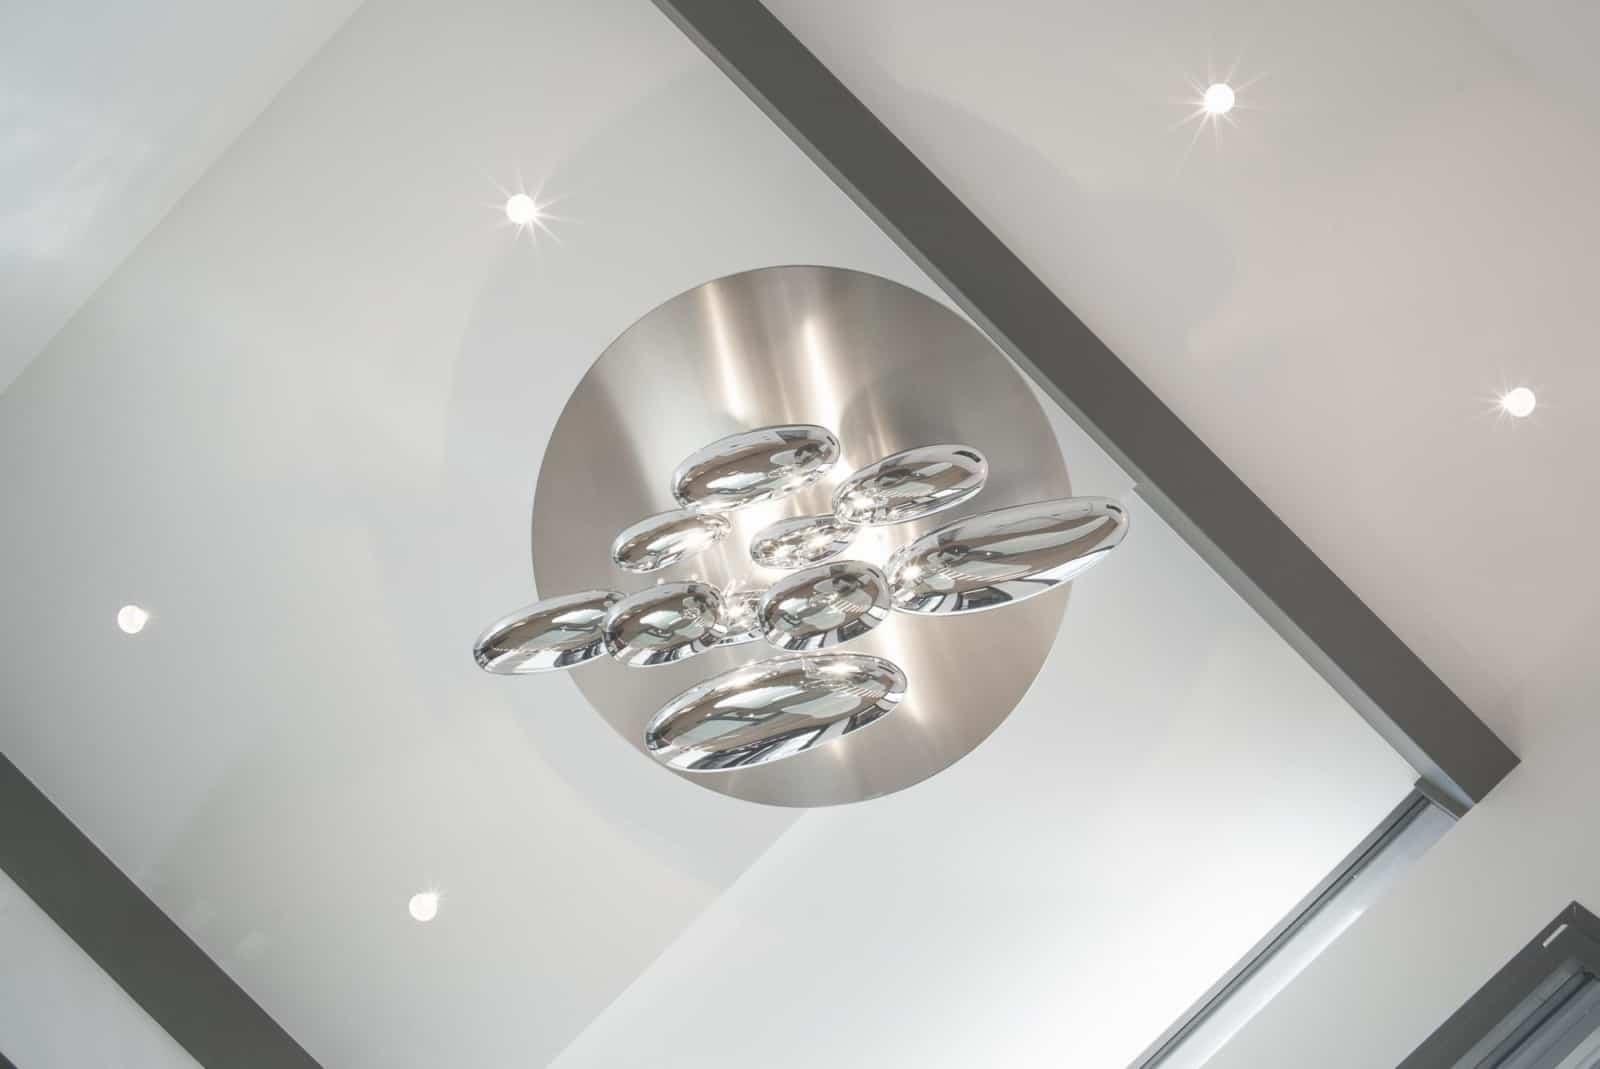 Décoration luminaire design - Maison d'architecte, villa contemporaine - Archidomo - architecture Annecy Lyon Paris